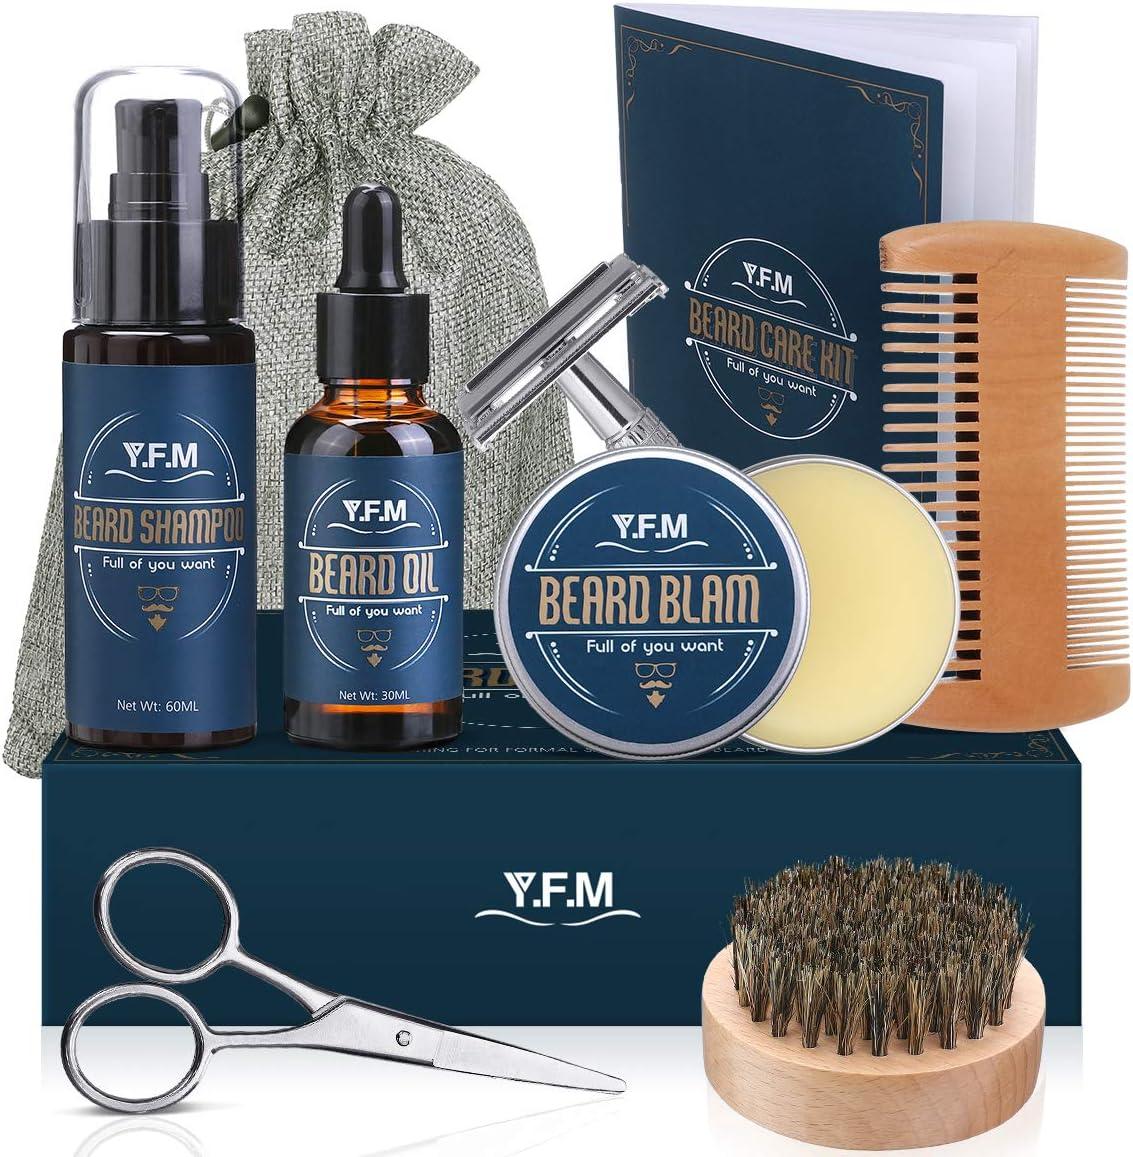 Y.F.M Kit de Cuidado de Barba para Hombres 8 en 1, Cuidado Barba - Champú, Aceite, Bálsamo de Barba, Peine, Afeitadora, Tijeras, Cepillo y Bolsa - Regalo Ideal para Todas Ocasiones y